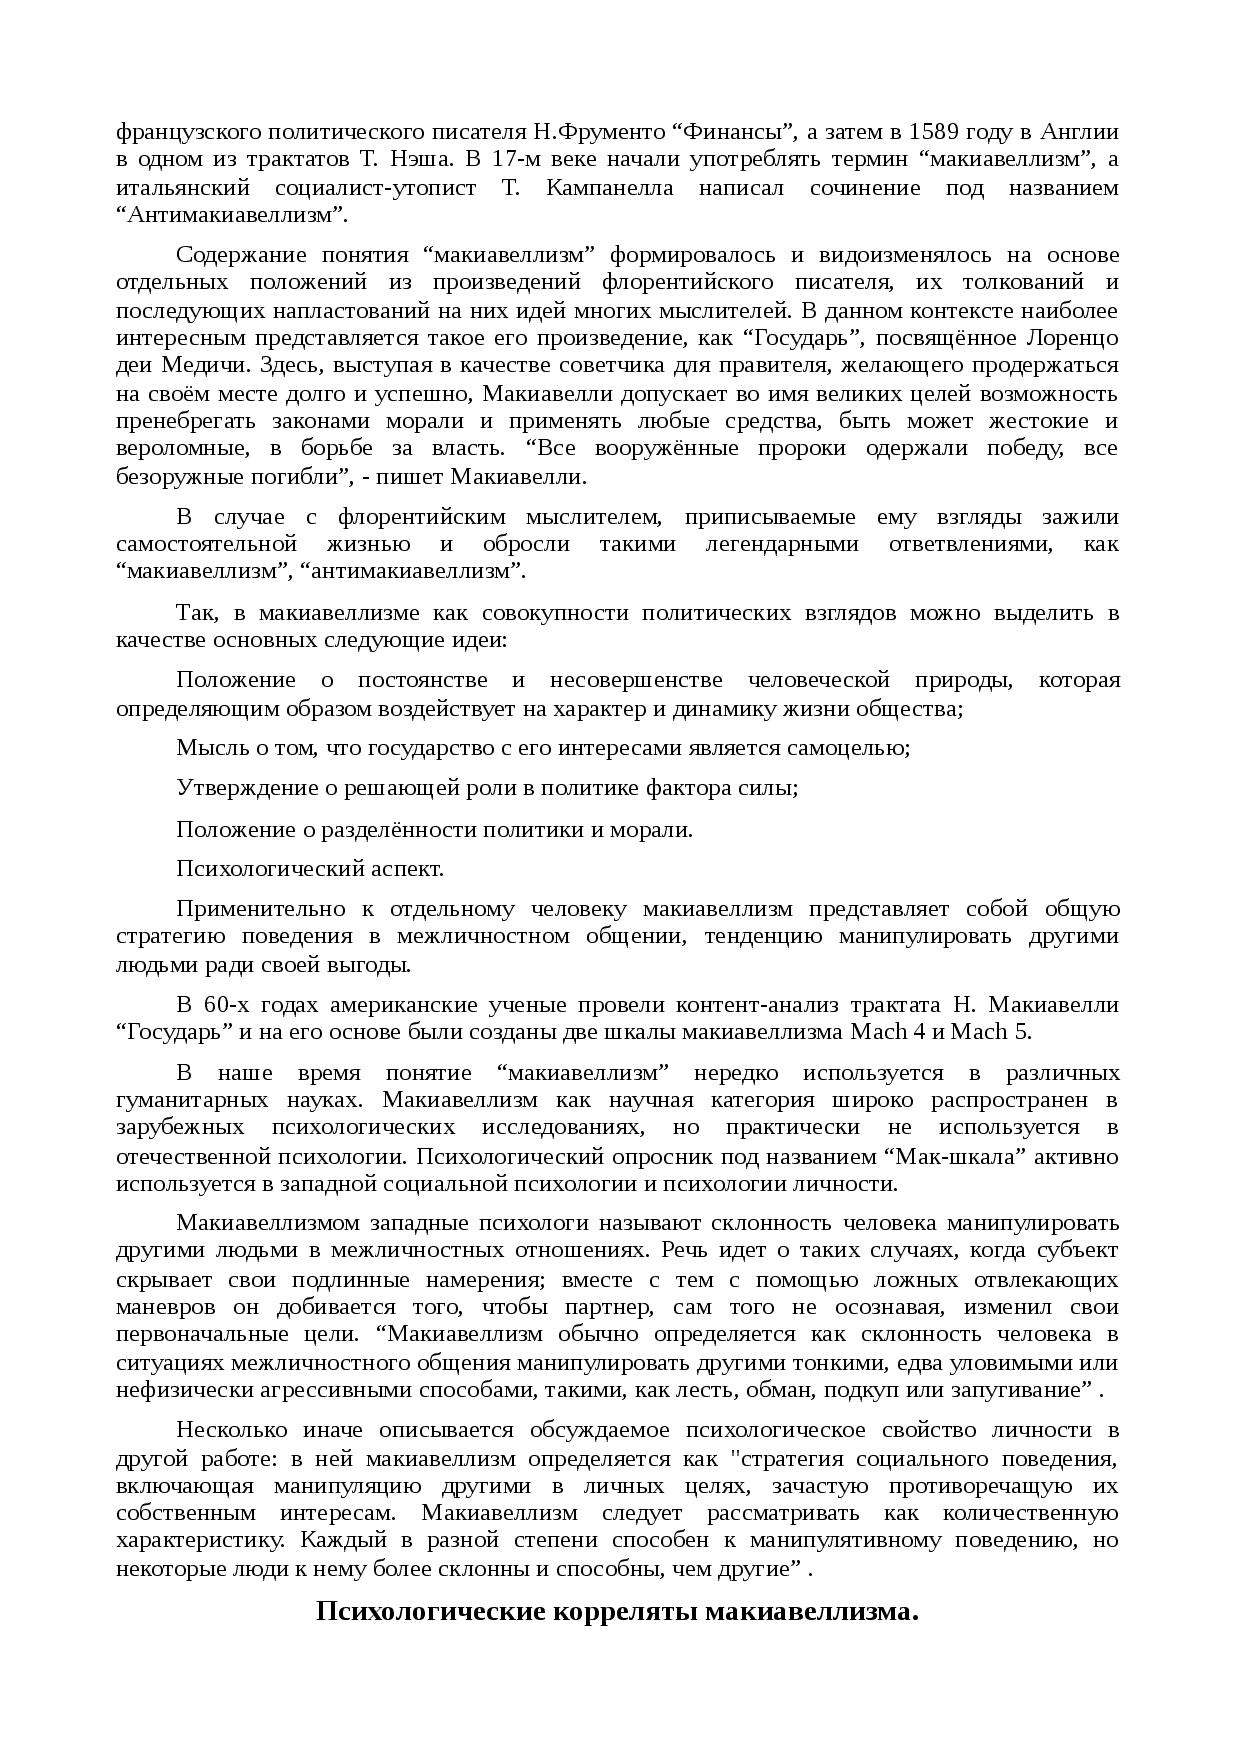 Экзальтированность: проявления и коррекция в психологии